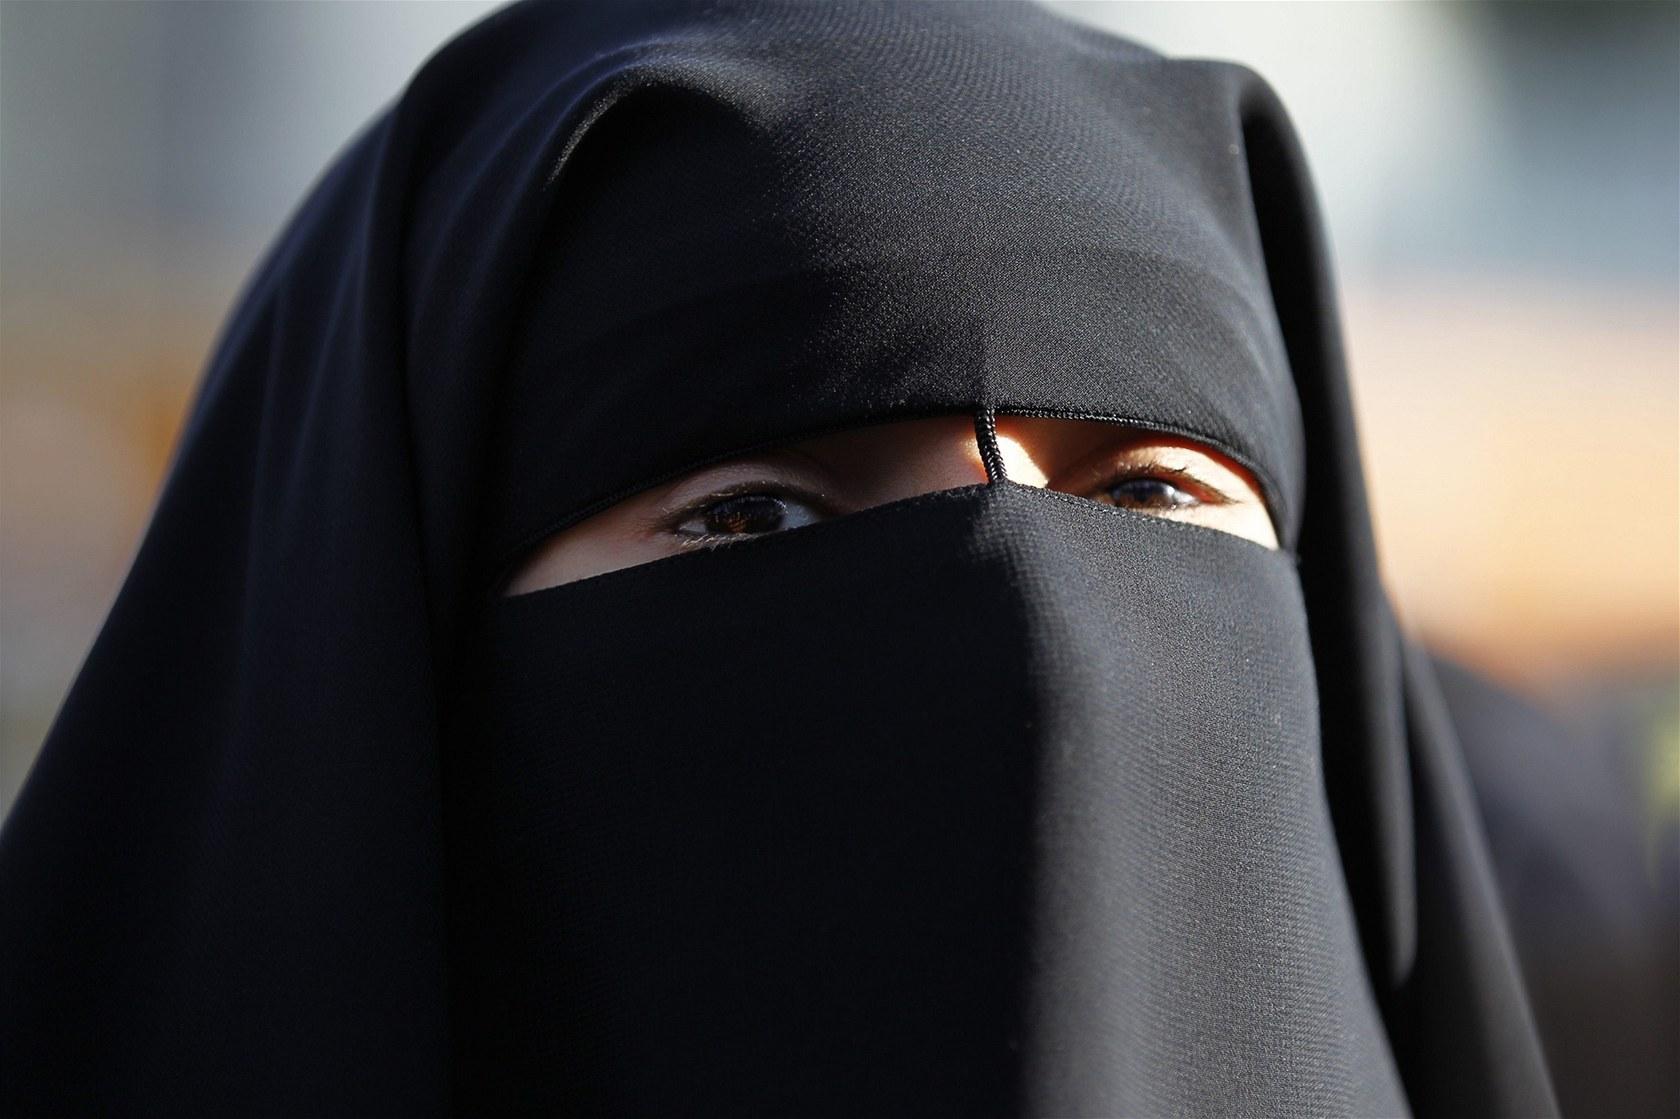 Saúdové krotí náboženskou policii, zakázali jí bičování hříšníků (iDNES.cz)